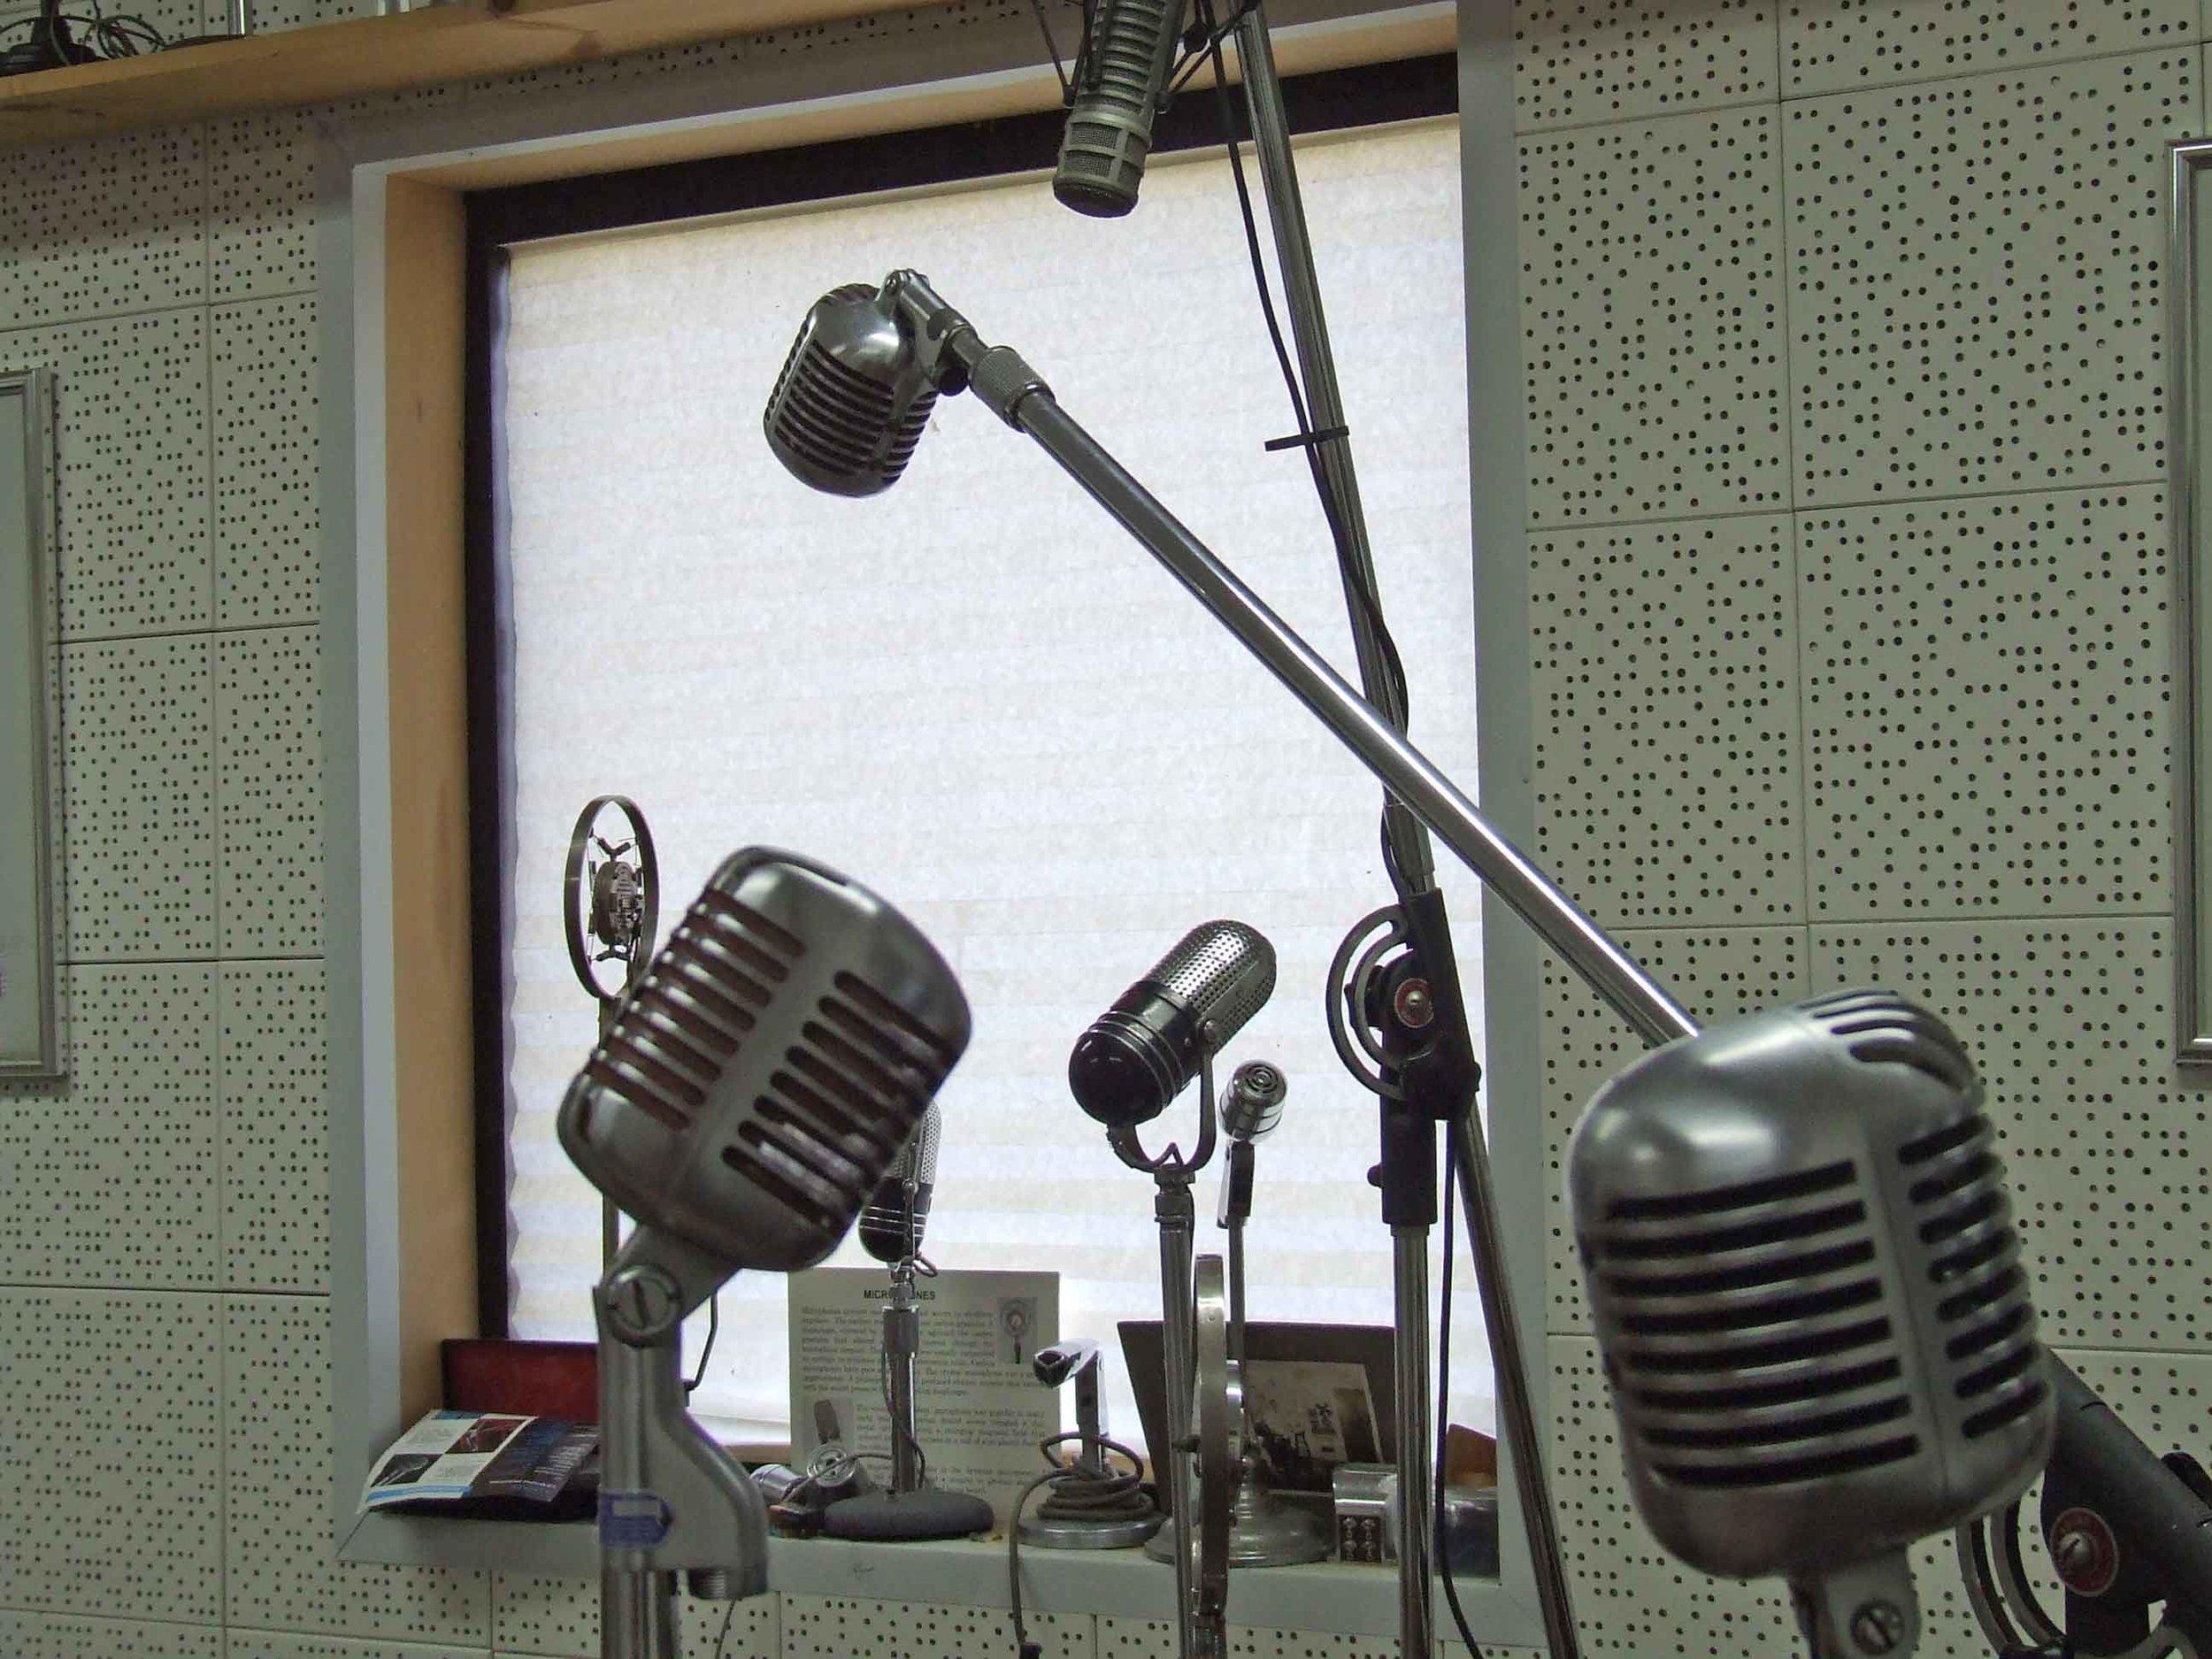 Microphones